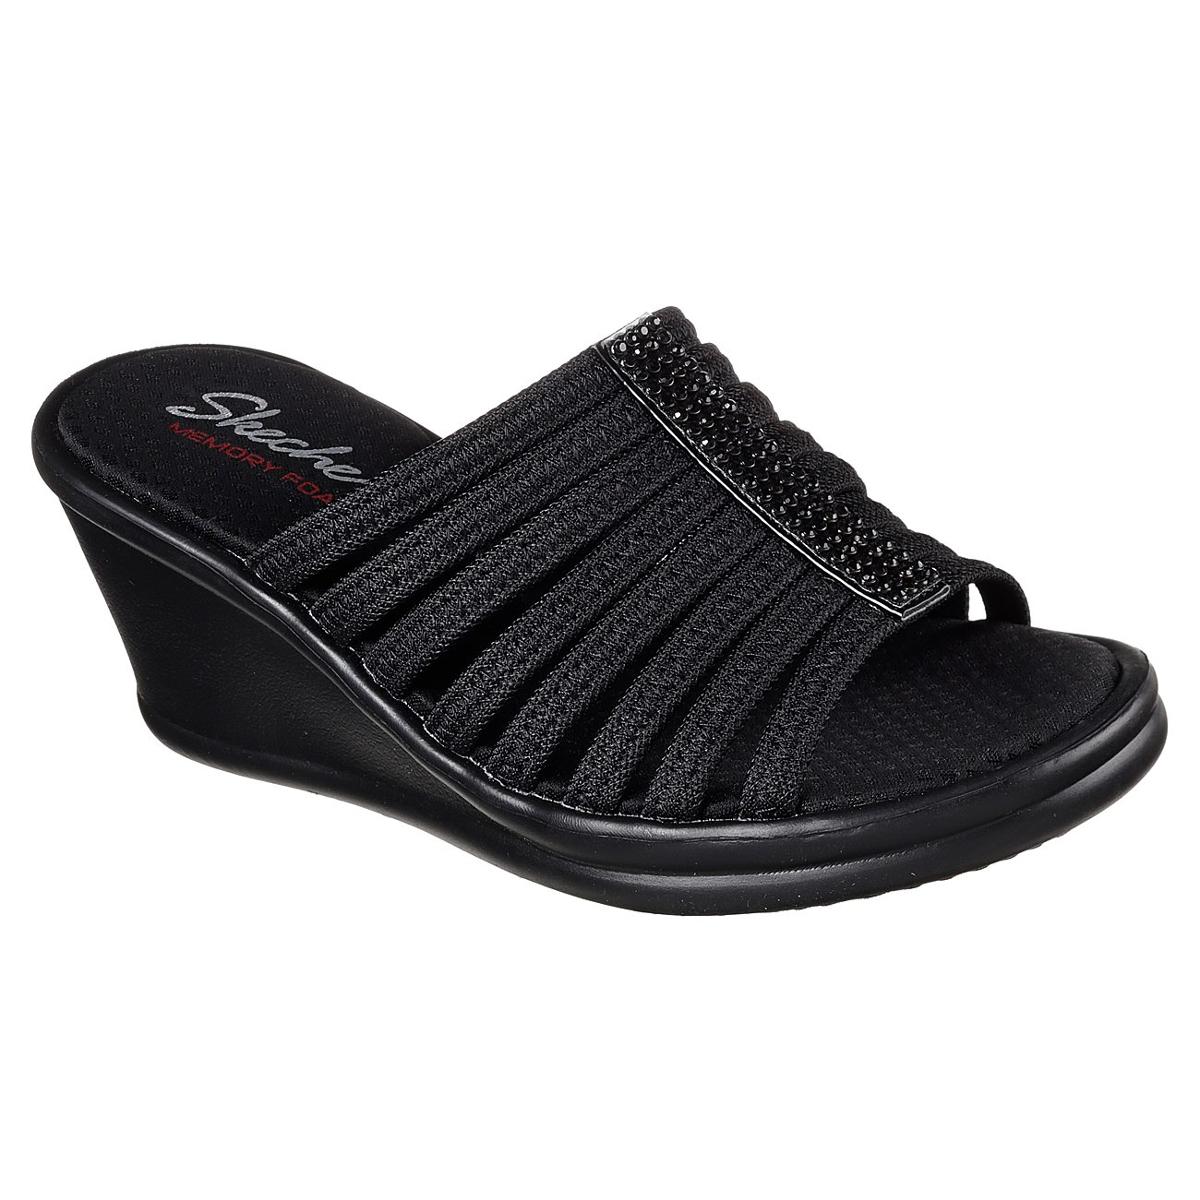 Skechers Women's Rumblers -  Hotshot Sandals - Black, 10